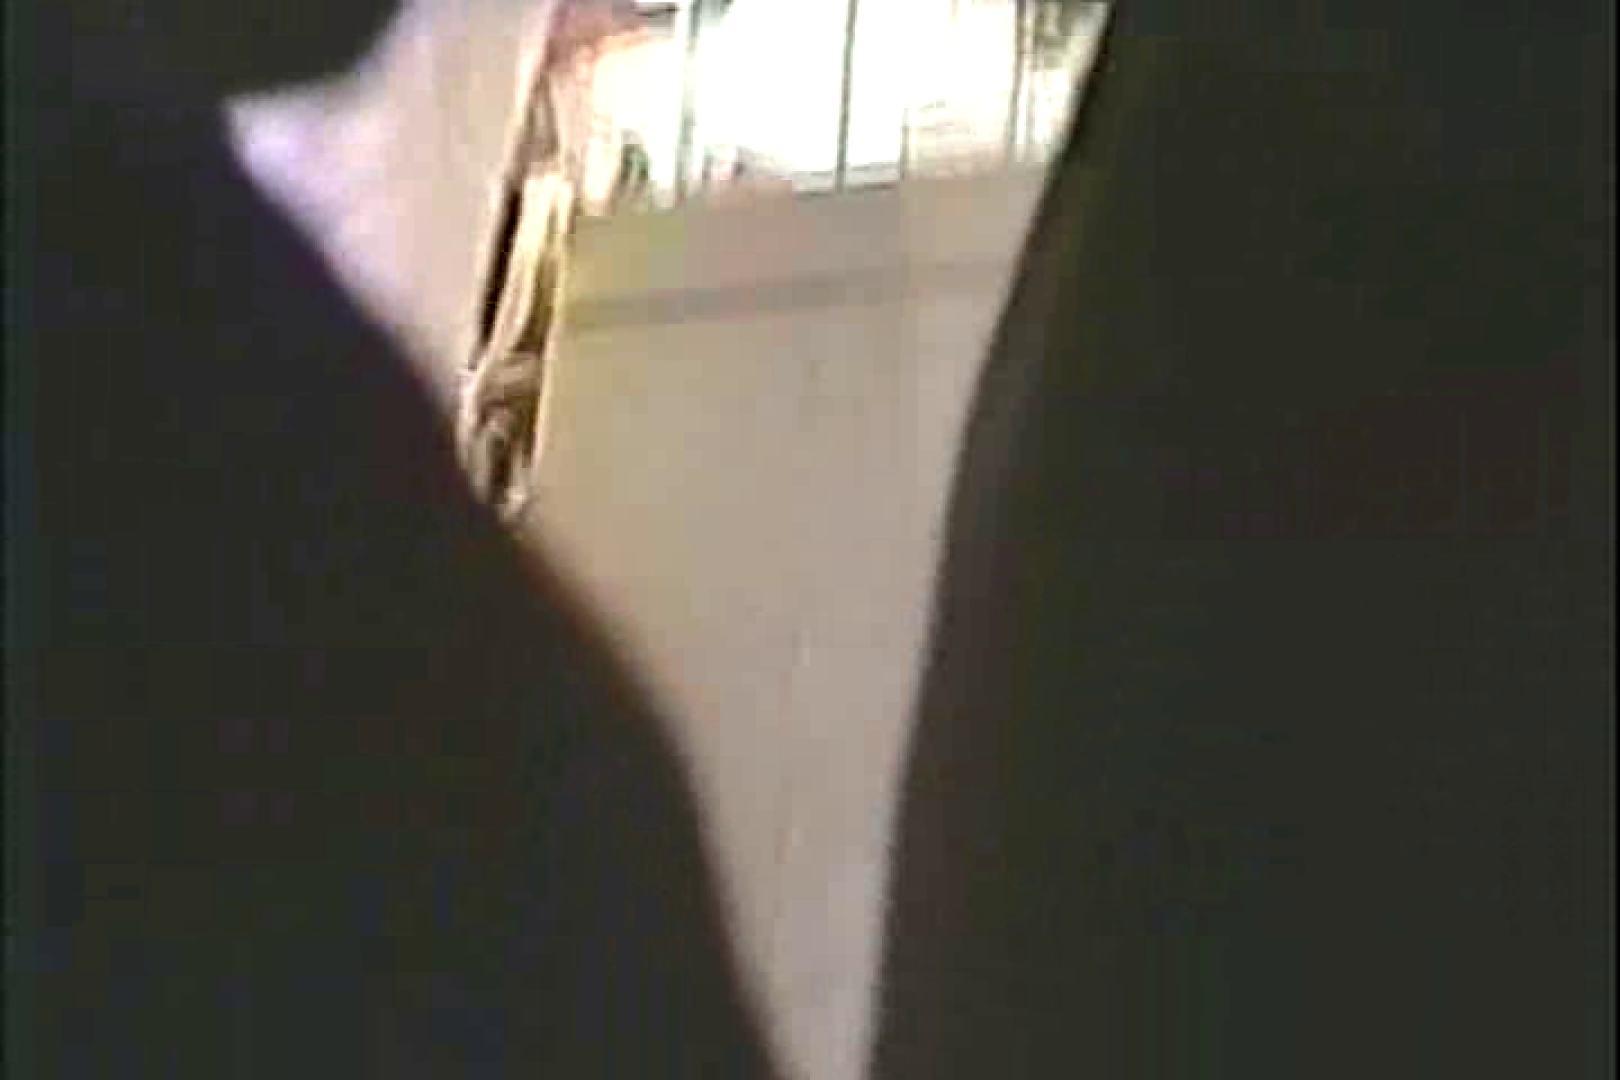 「ちくりん」さんのオリジナル未編集パンチラVol.3_01 レースクイーン 盗撮おまんこ無修正動画無料 103pic 69